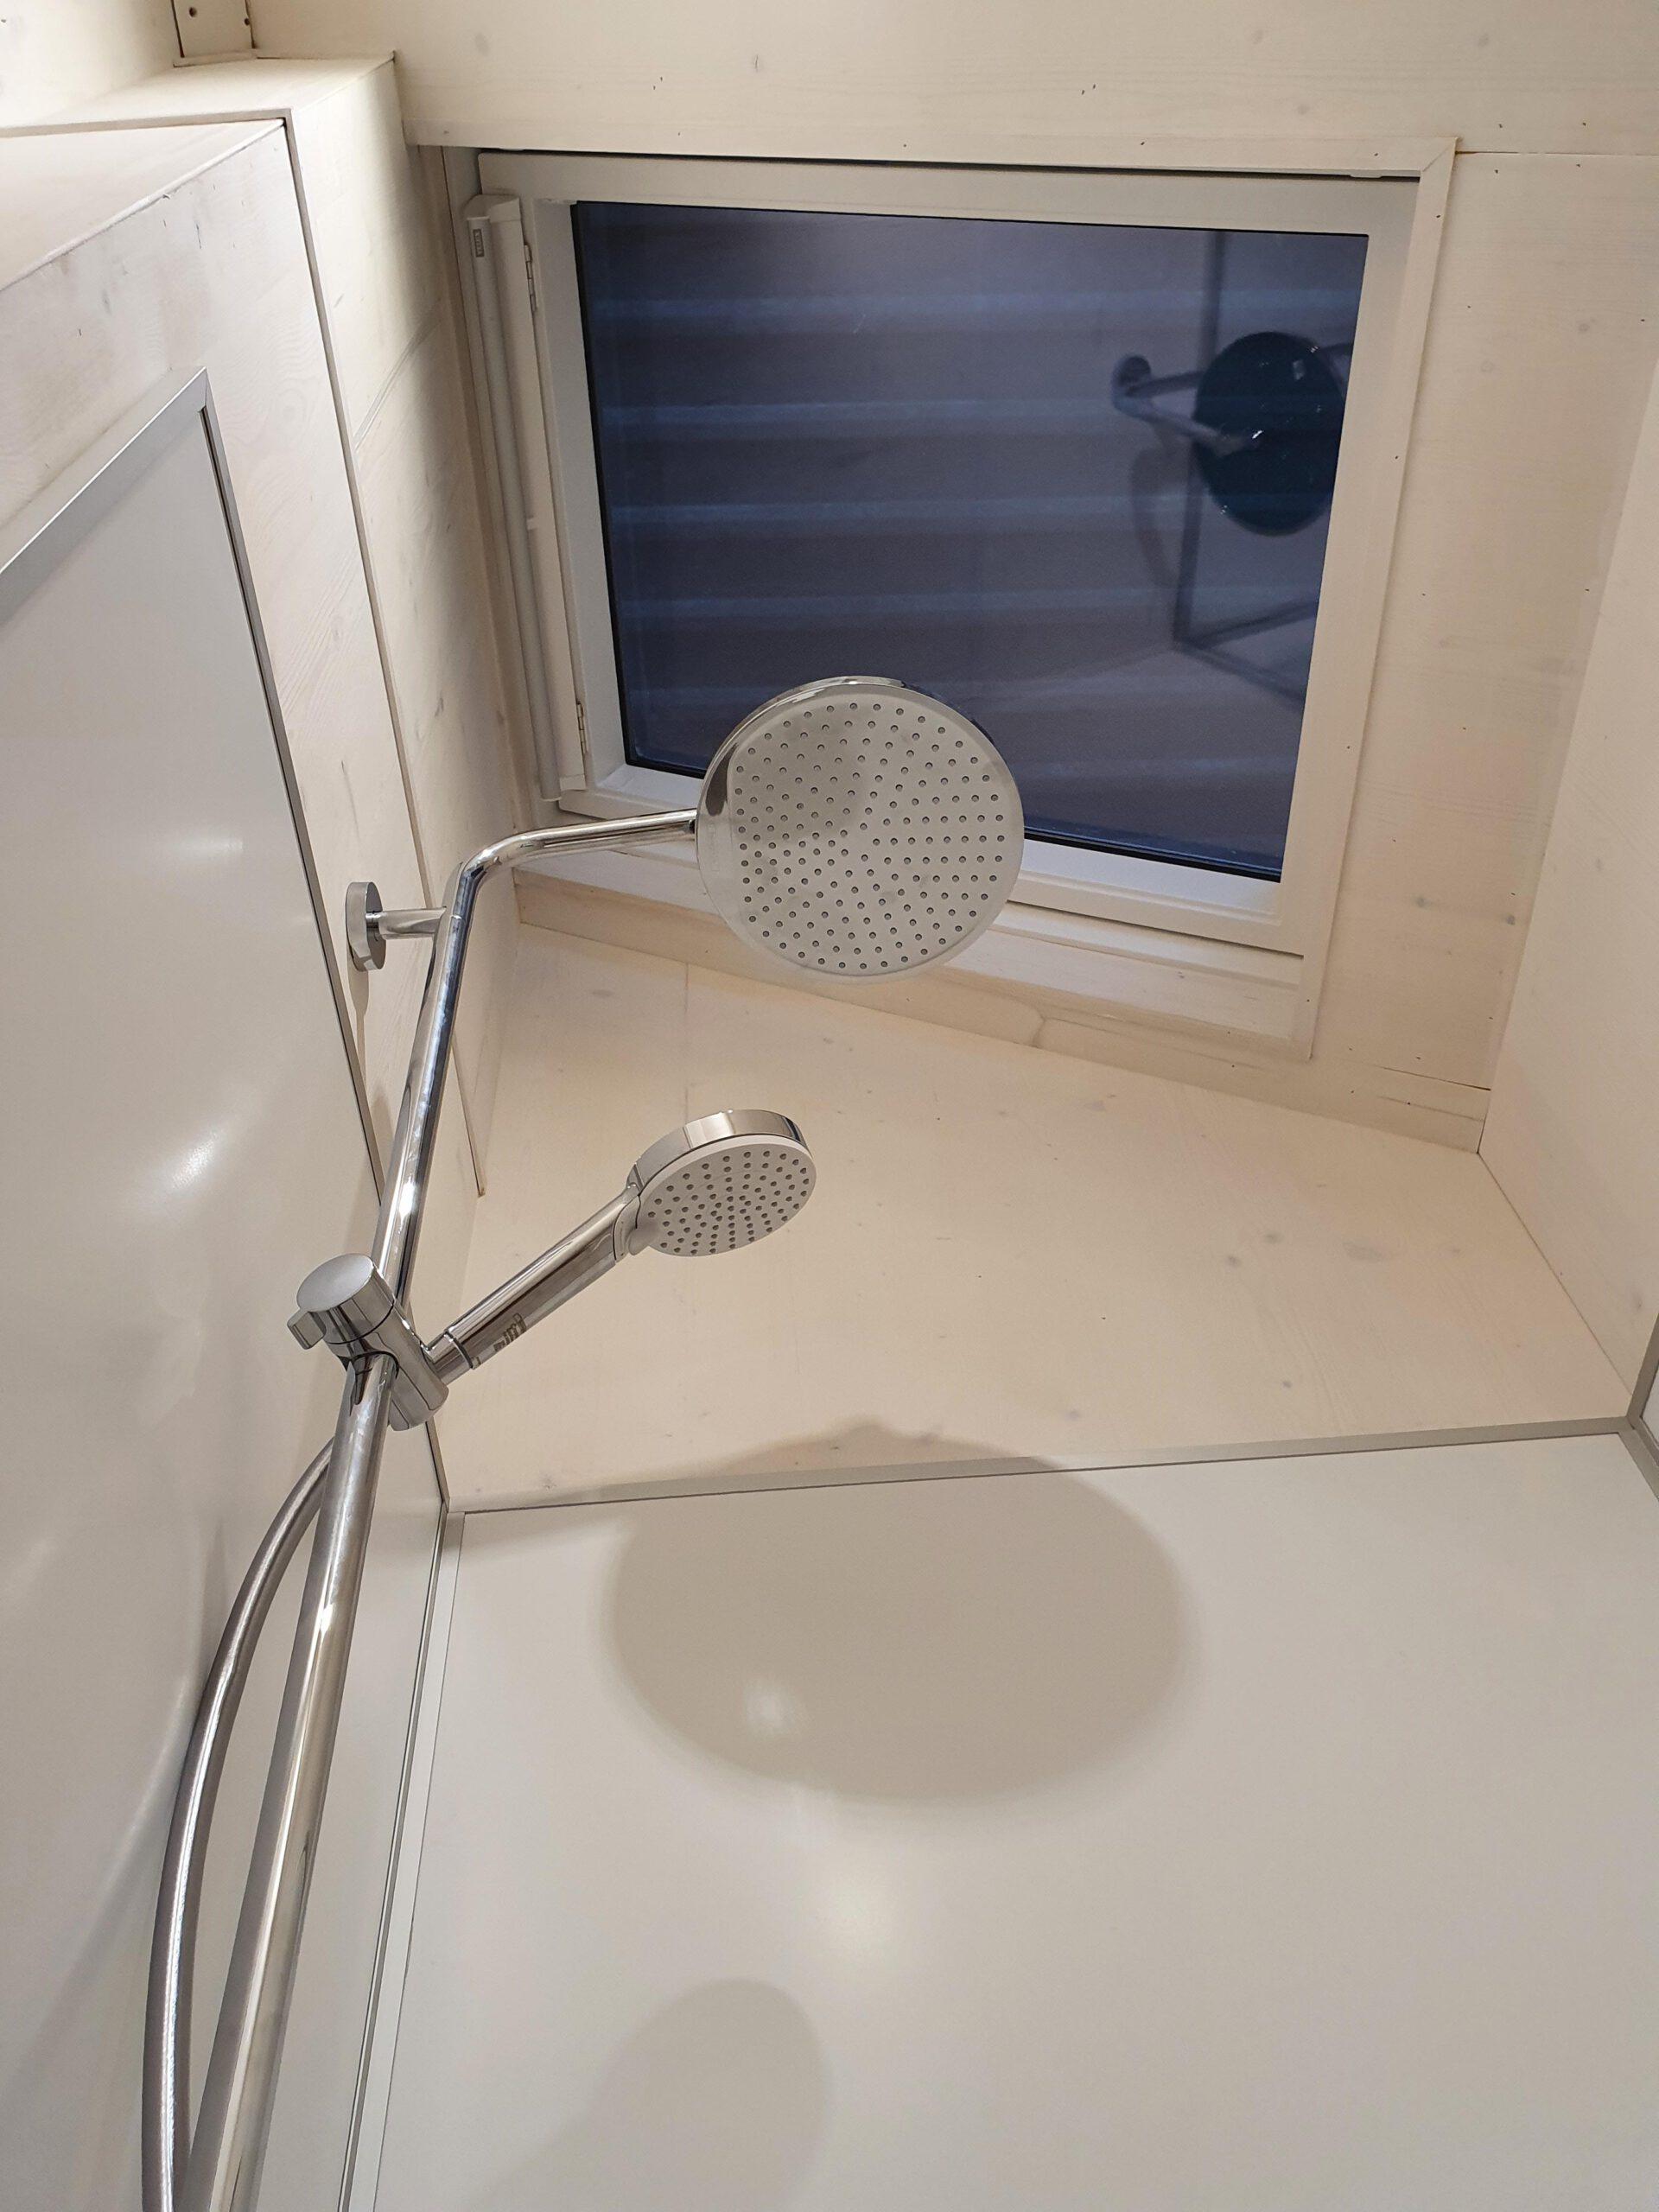 Dusche mit Fenster im Dach darüber